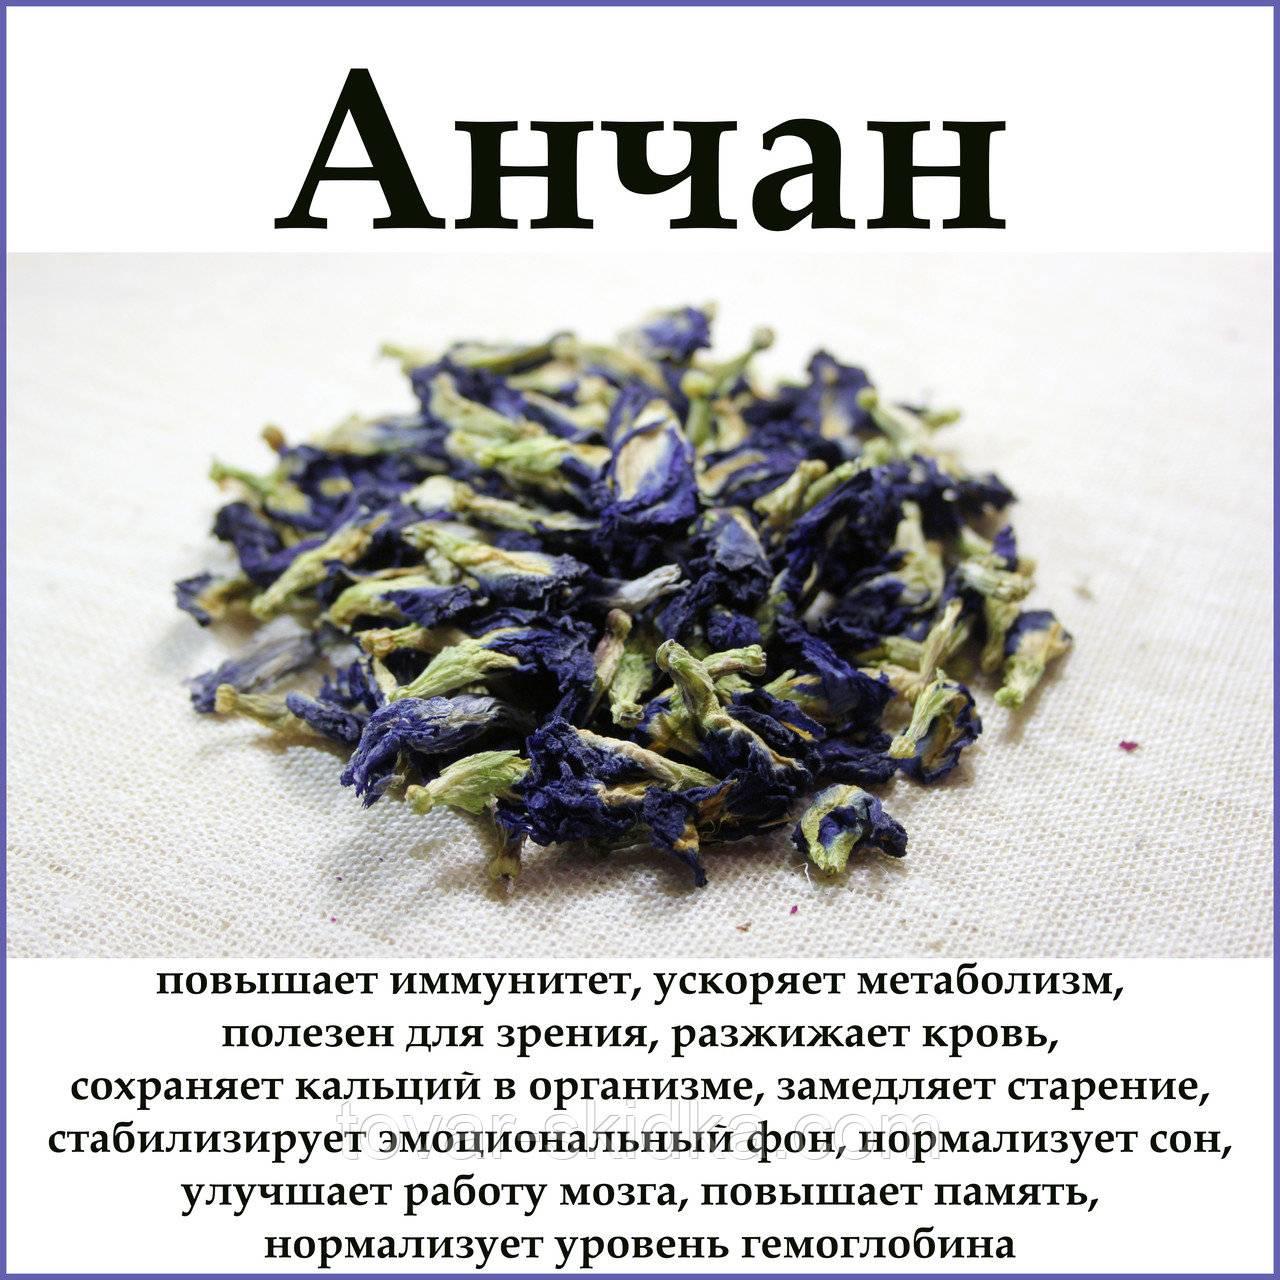 Синий чай из таиланда: полезные свойства и противопоказания, польза и вред